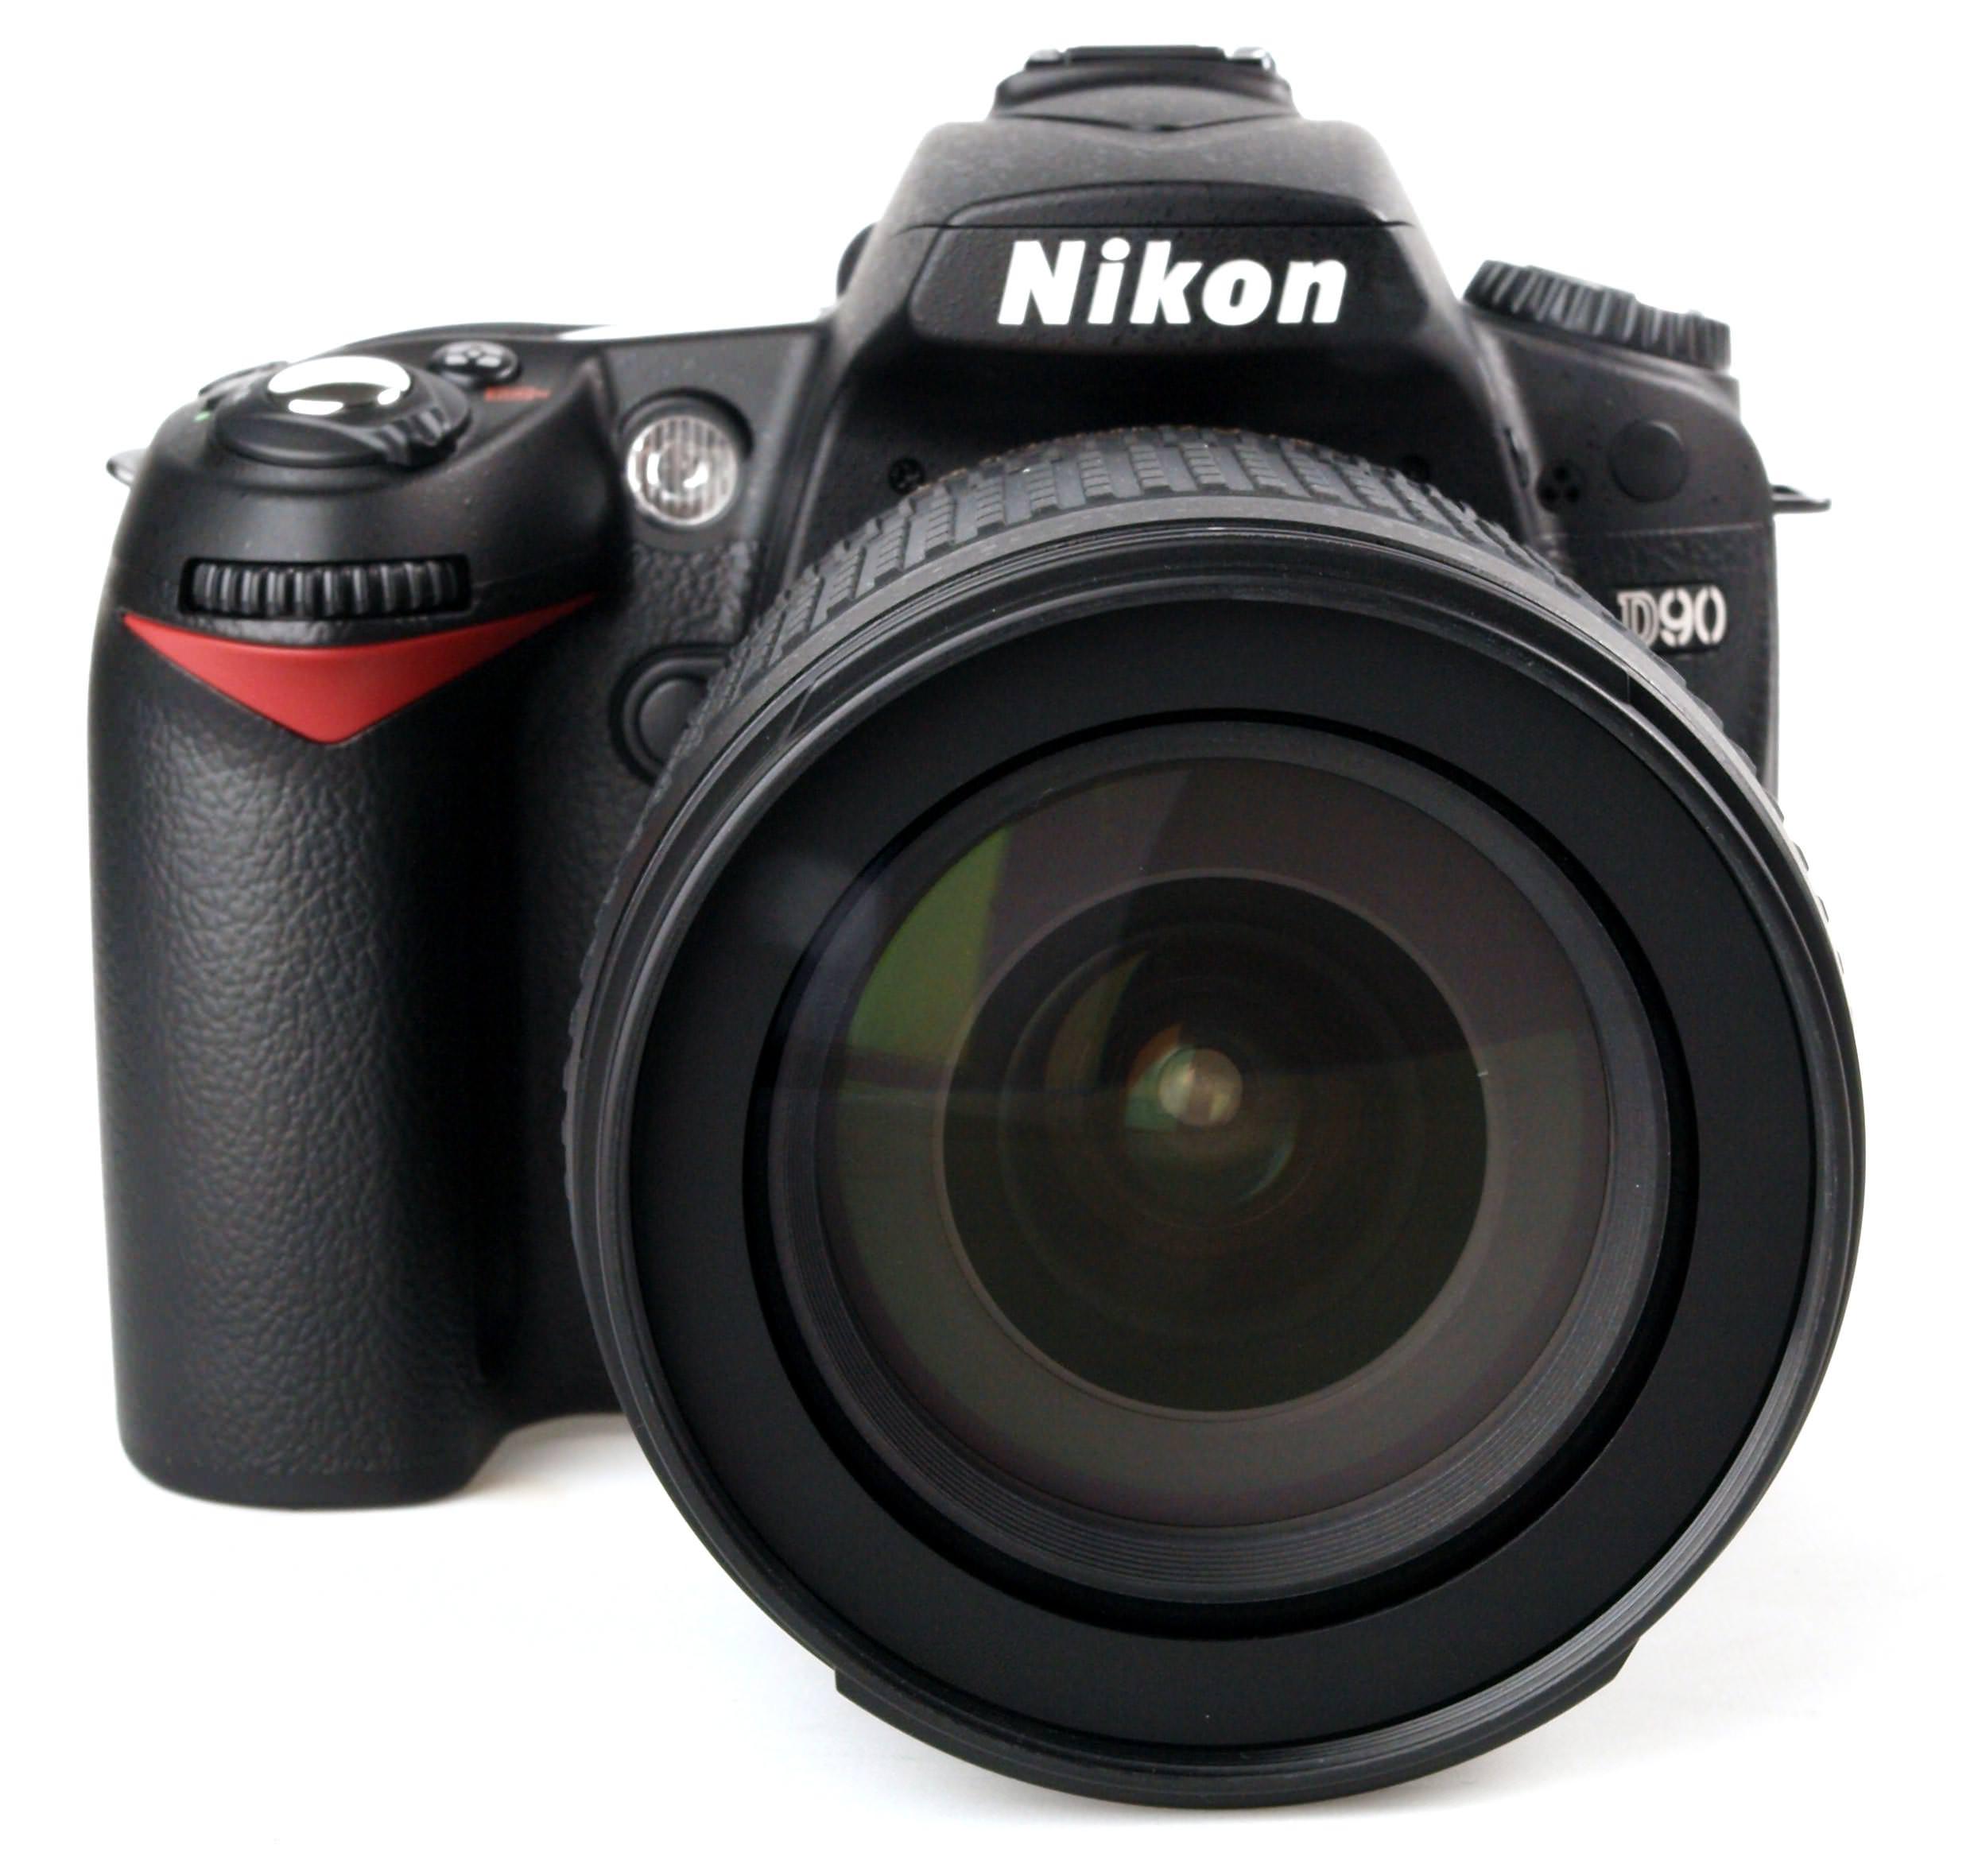 Nikon D90 front view